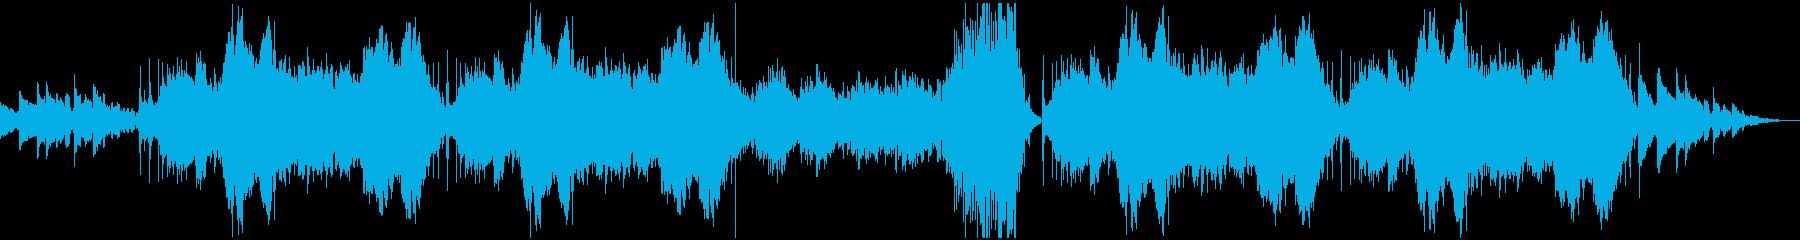 インドの楽器を使った オリエンタルの再生済みの波形